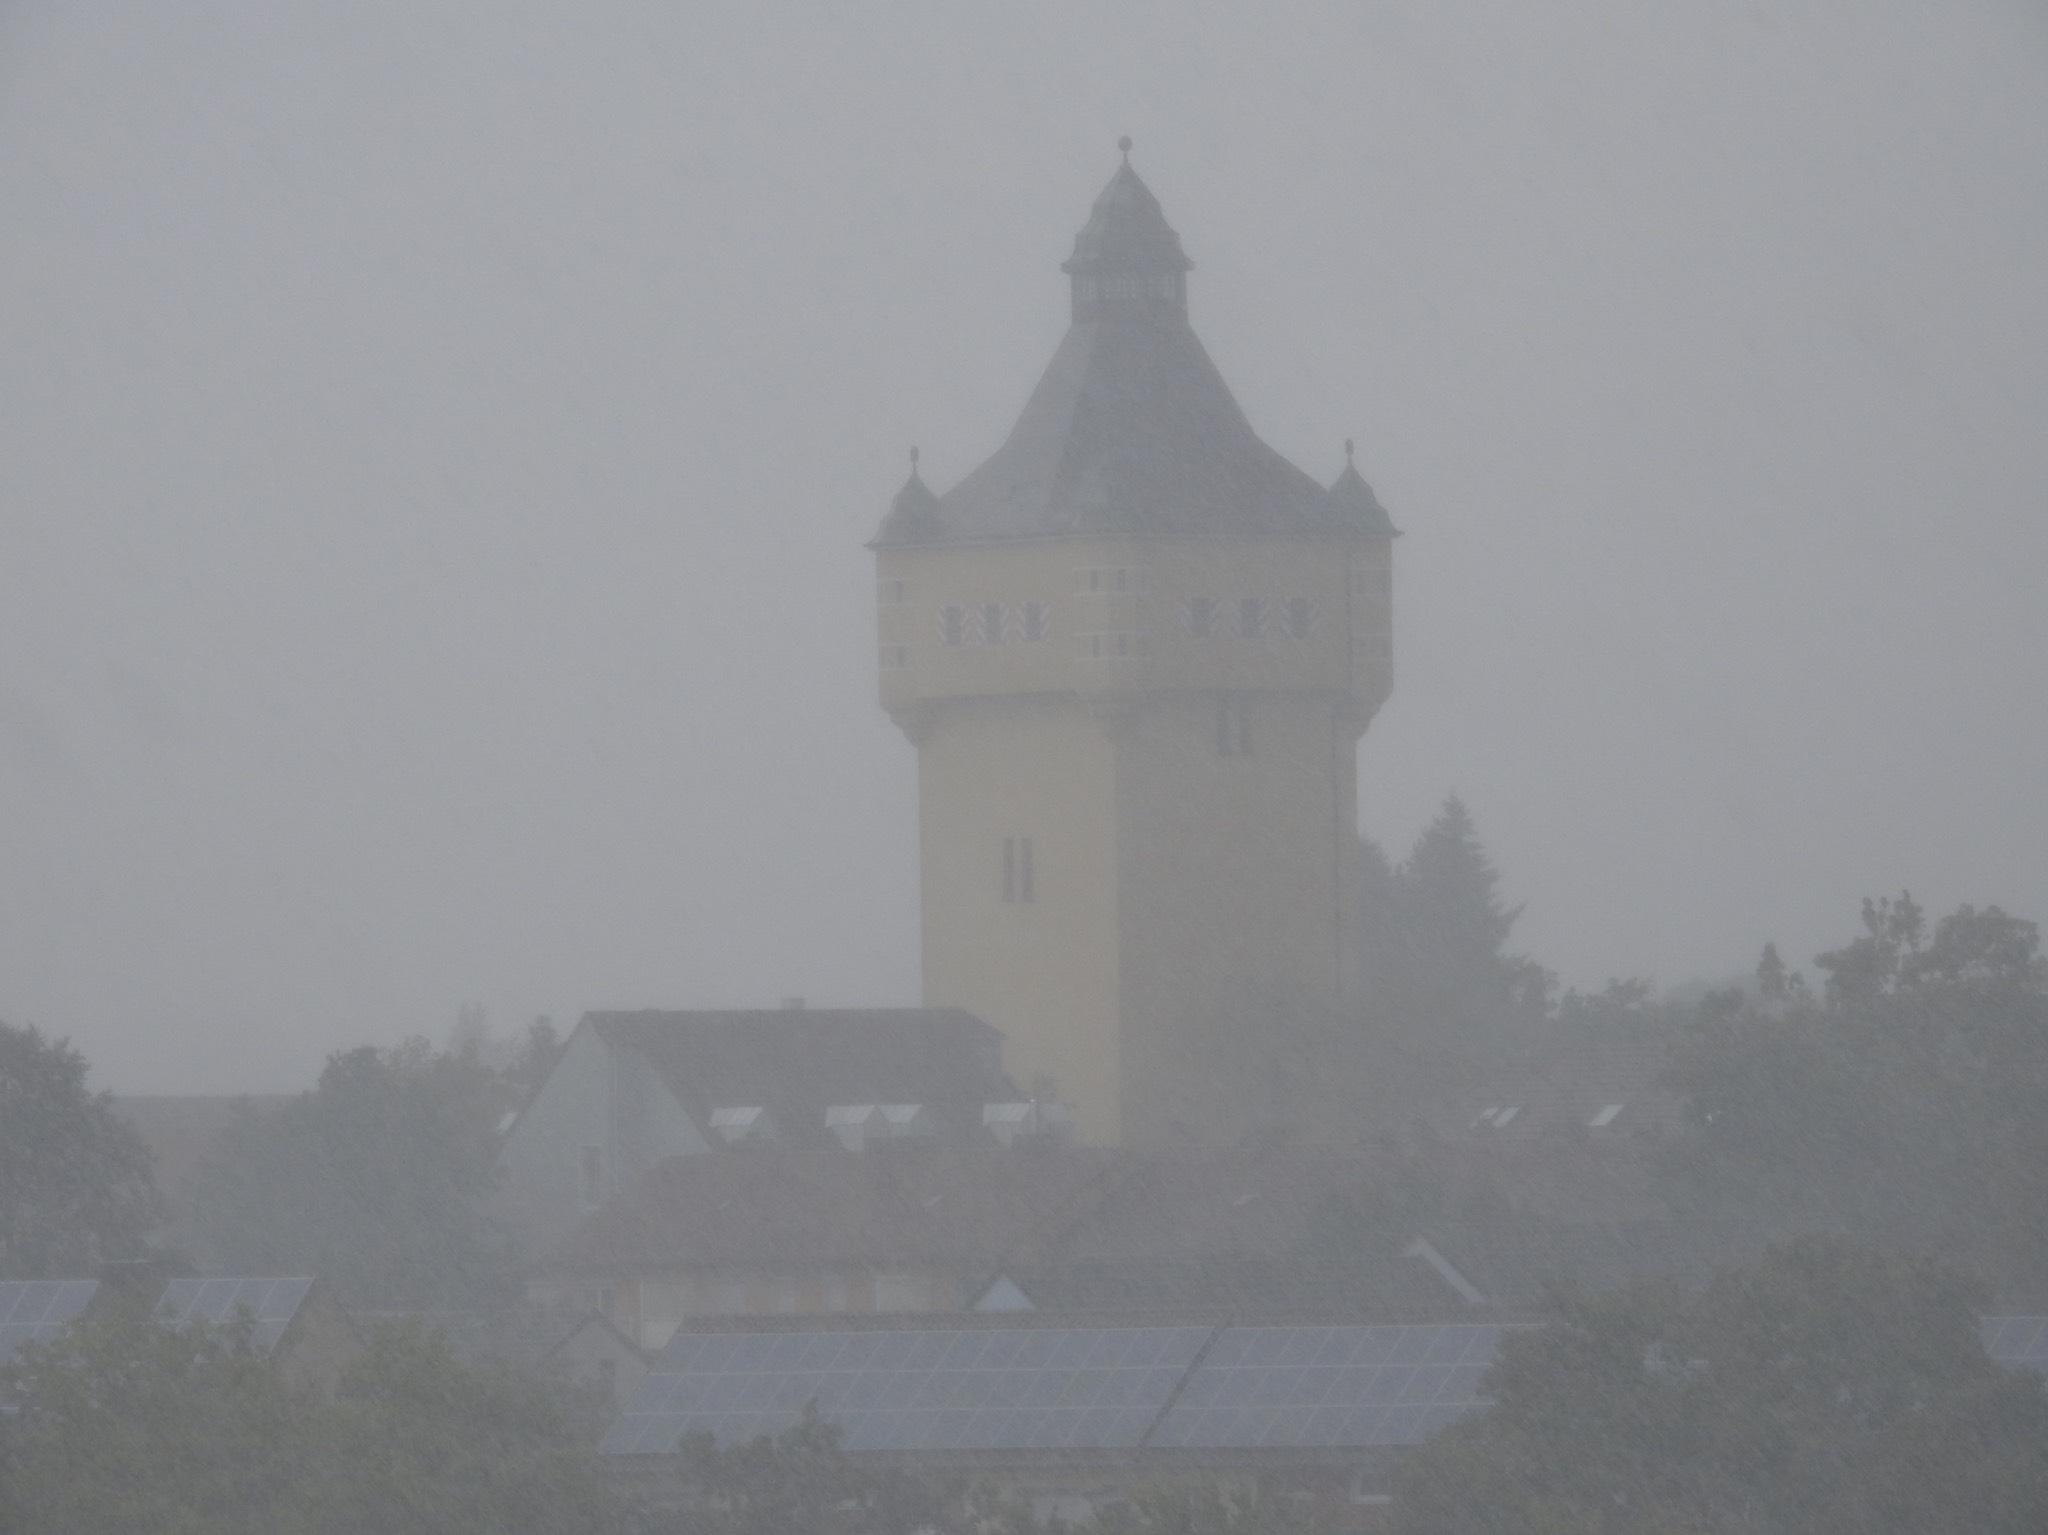 Der Wasserturm im Nebel. Foto: Dirk Flieger